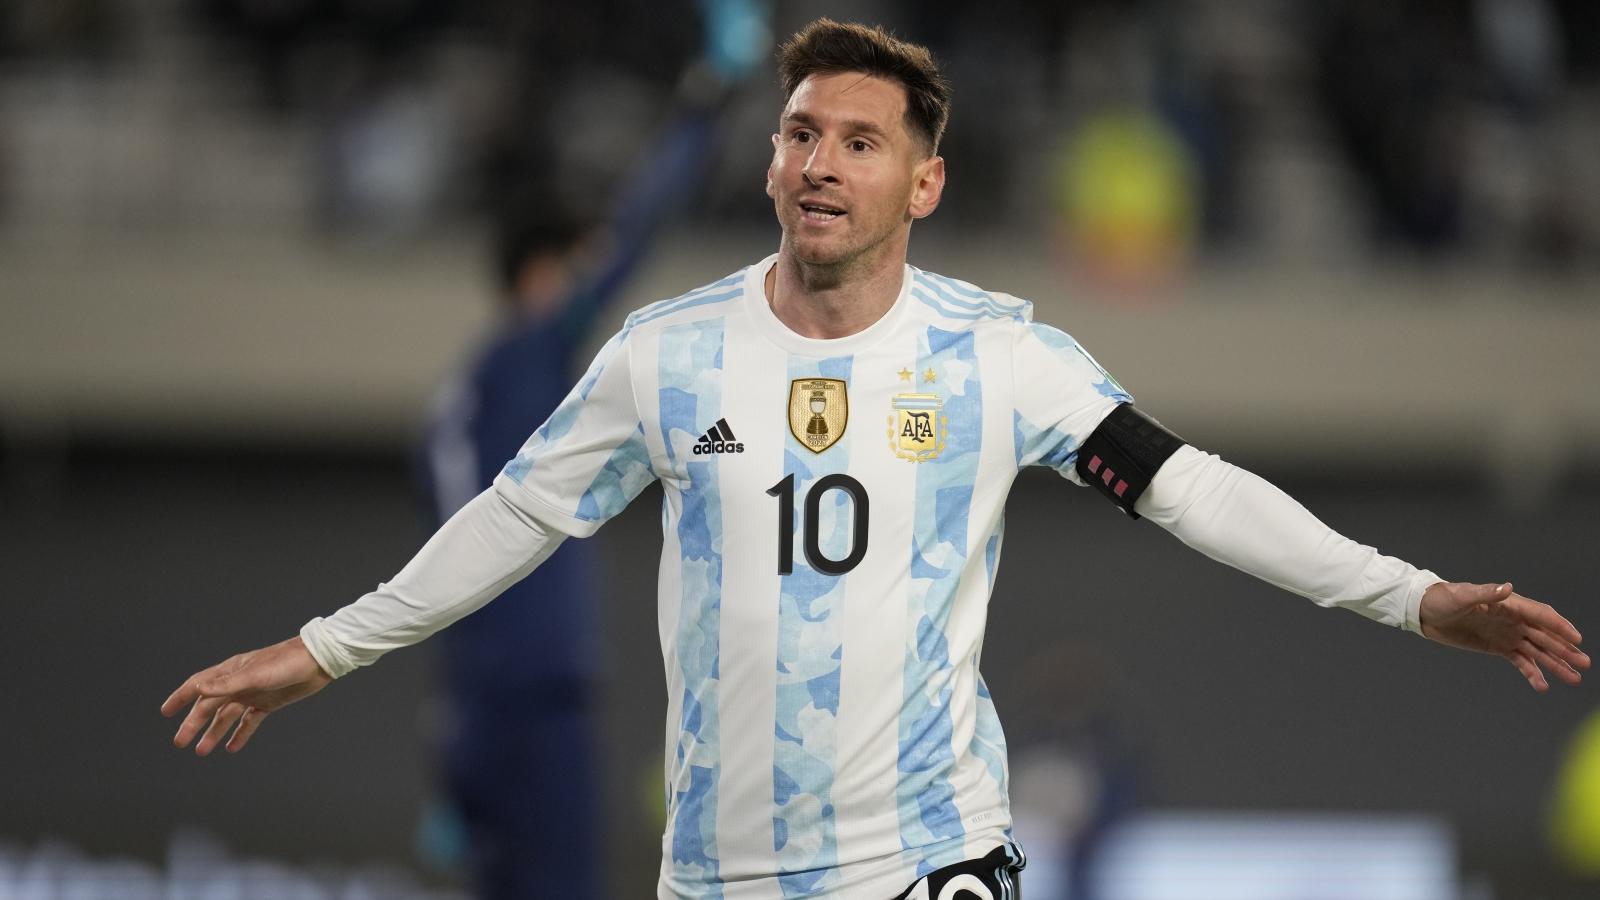 Messi ghi hat-trick, Argentina dễ dàng thắng Bolivia ở vòng loại World Cup 2022